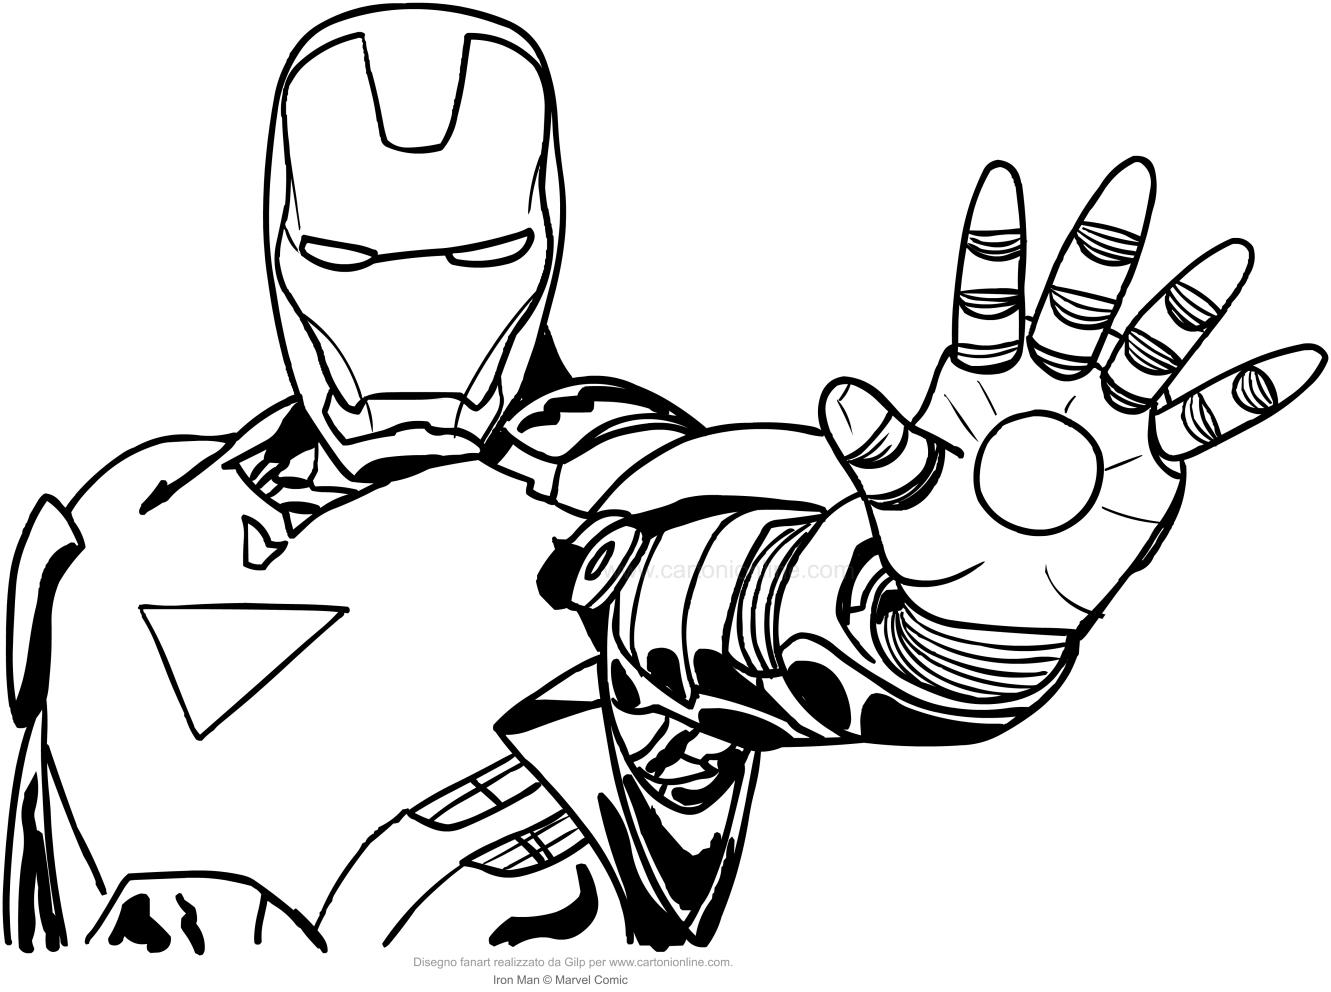 Dessin demi-longueur d'Iron-Man à imprimer et colorier